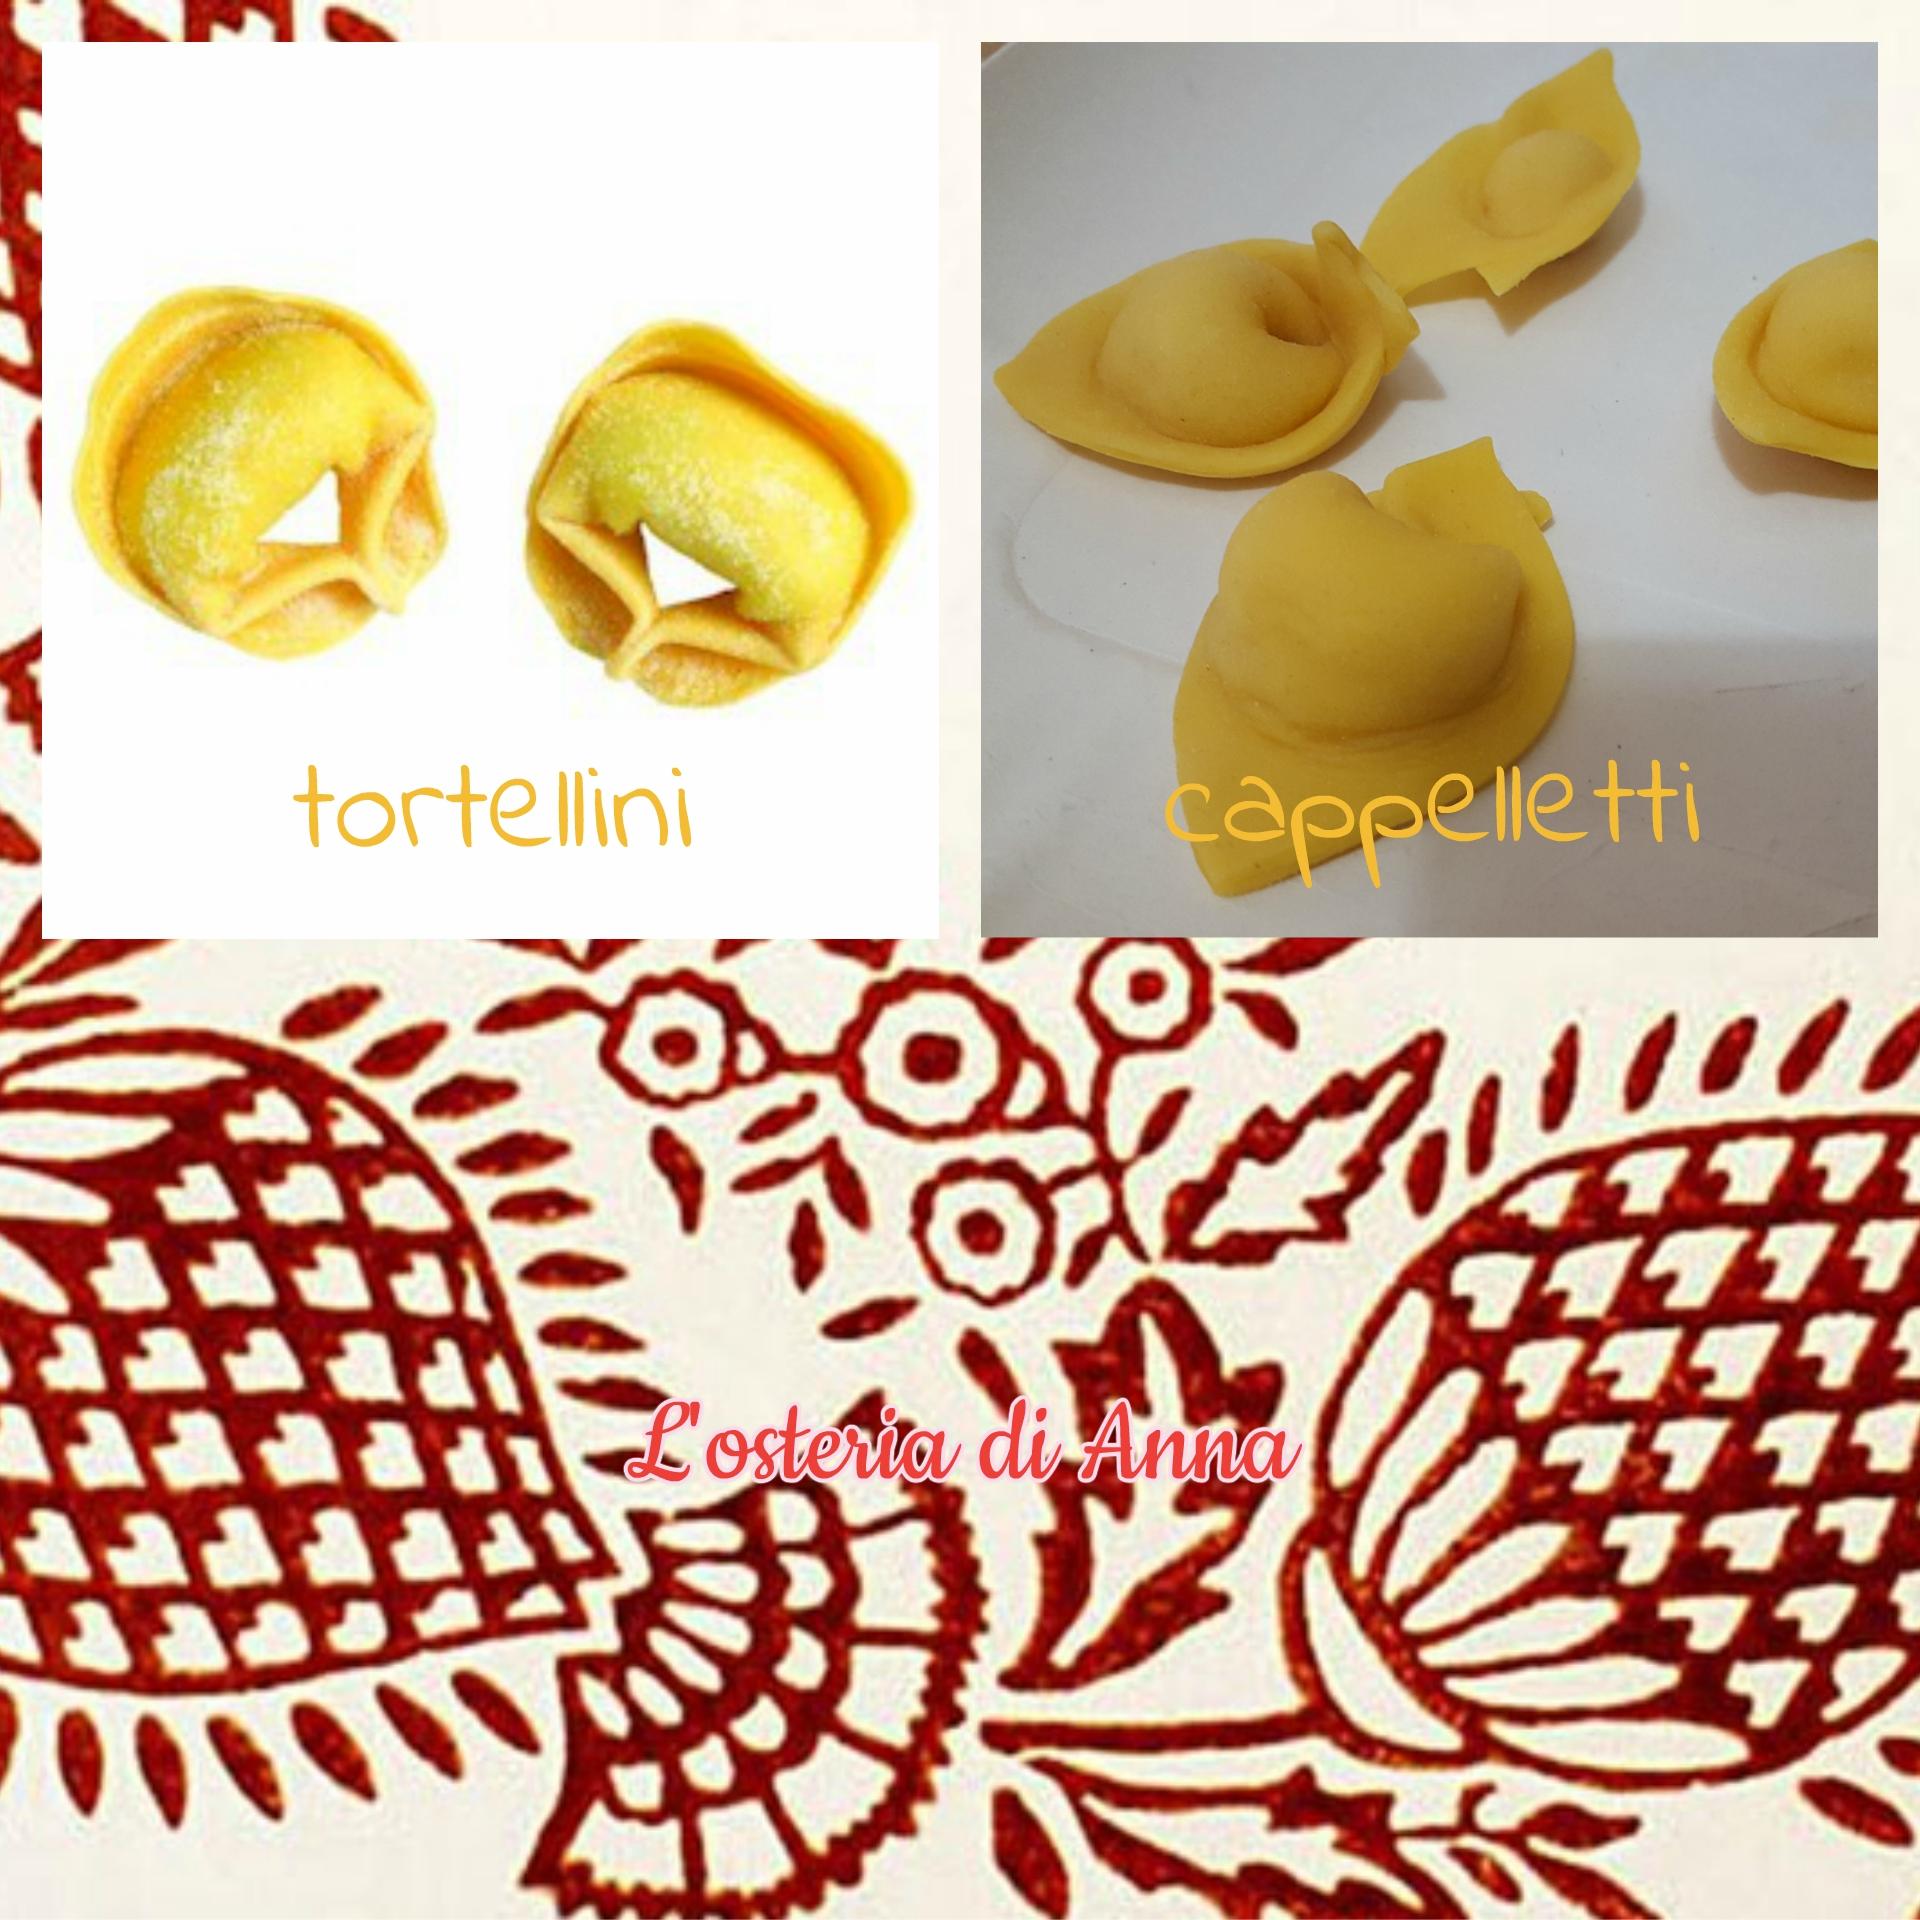 Differenza di forma tra tortellini bolognesi e cappelletti romagnoli